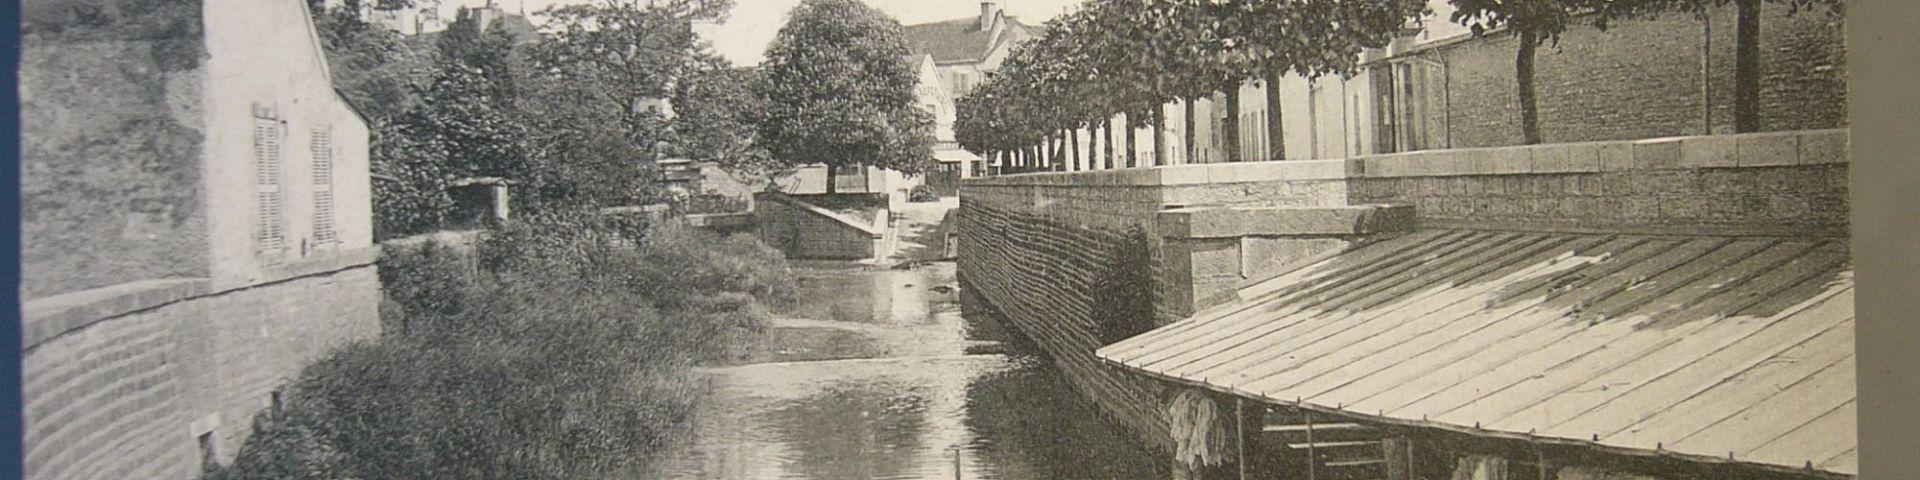 Nuits-Saint-Georges - Lavoir (21)